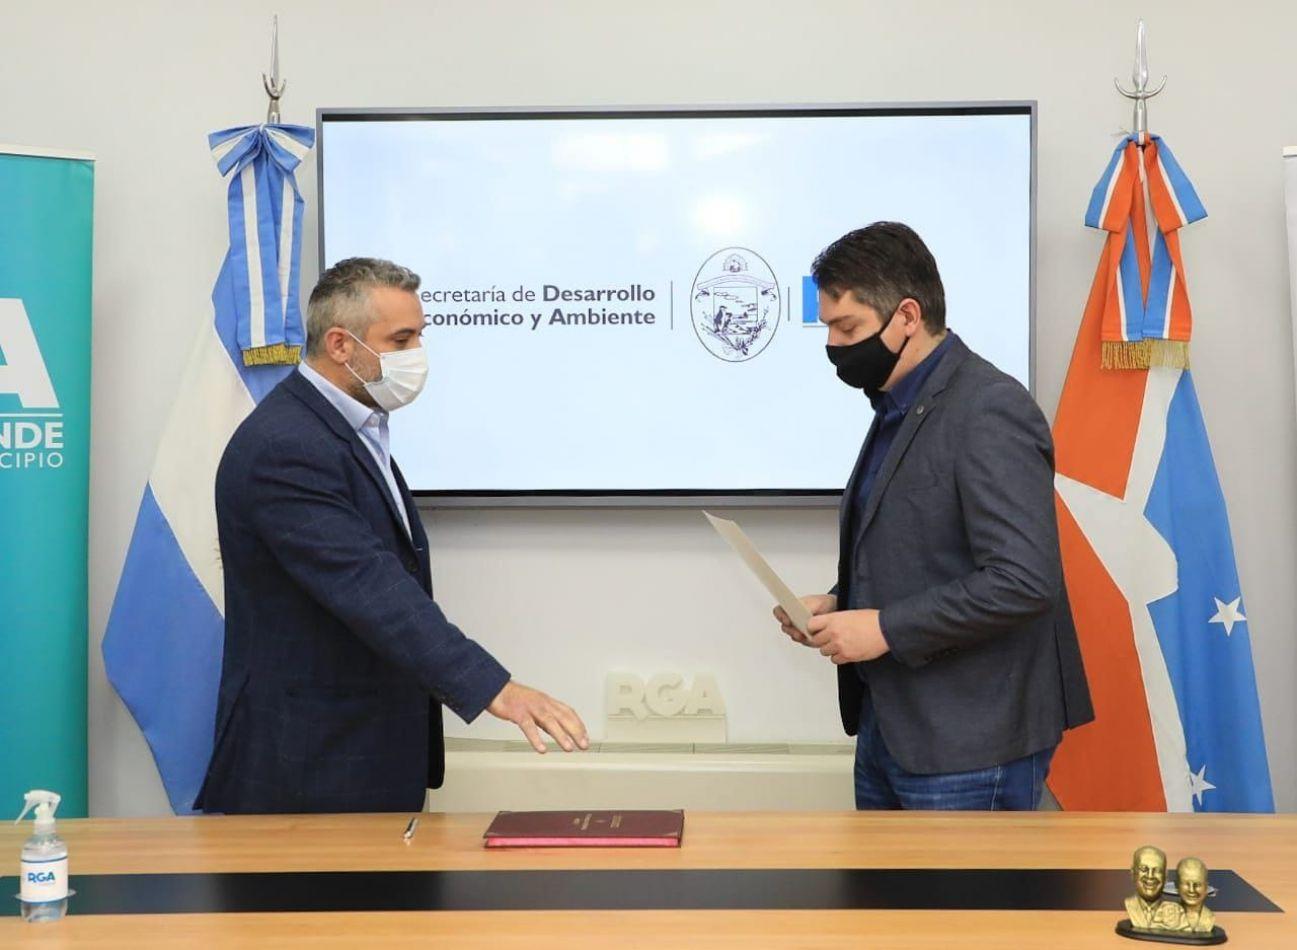 El intendente Martín Perez tomó juramento al nuevo secretario de Desarrollo Económico y Ambiente, Matías Lapadula.